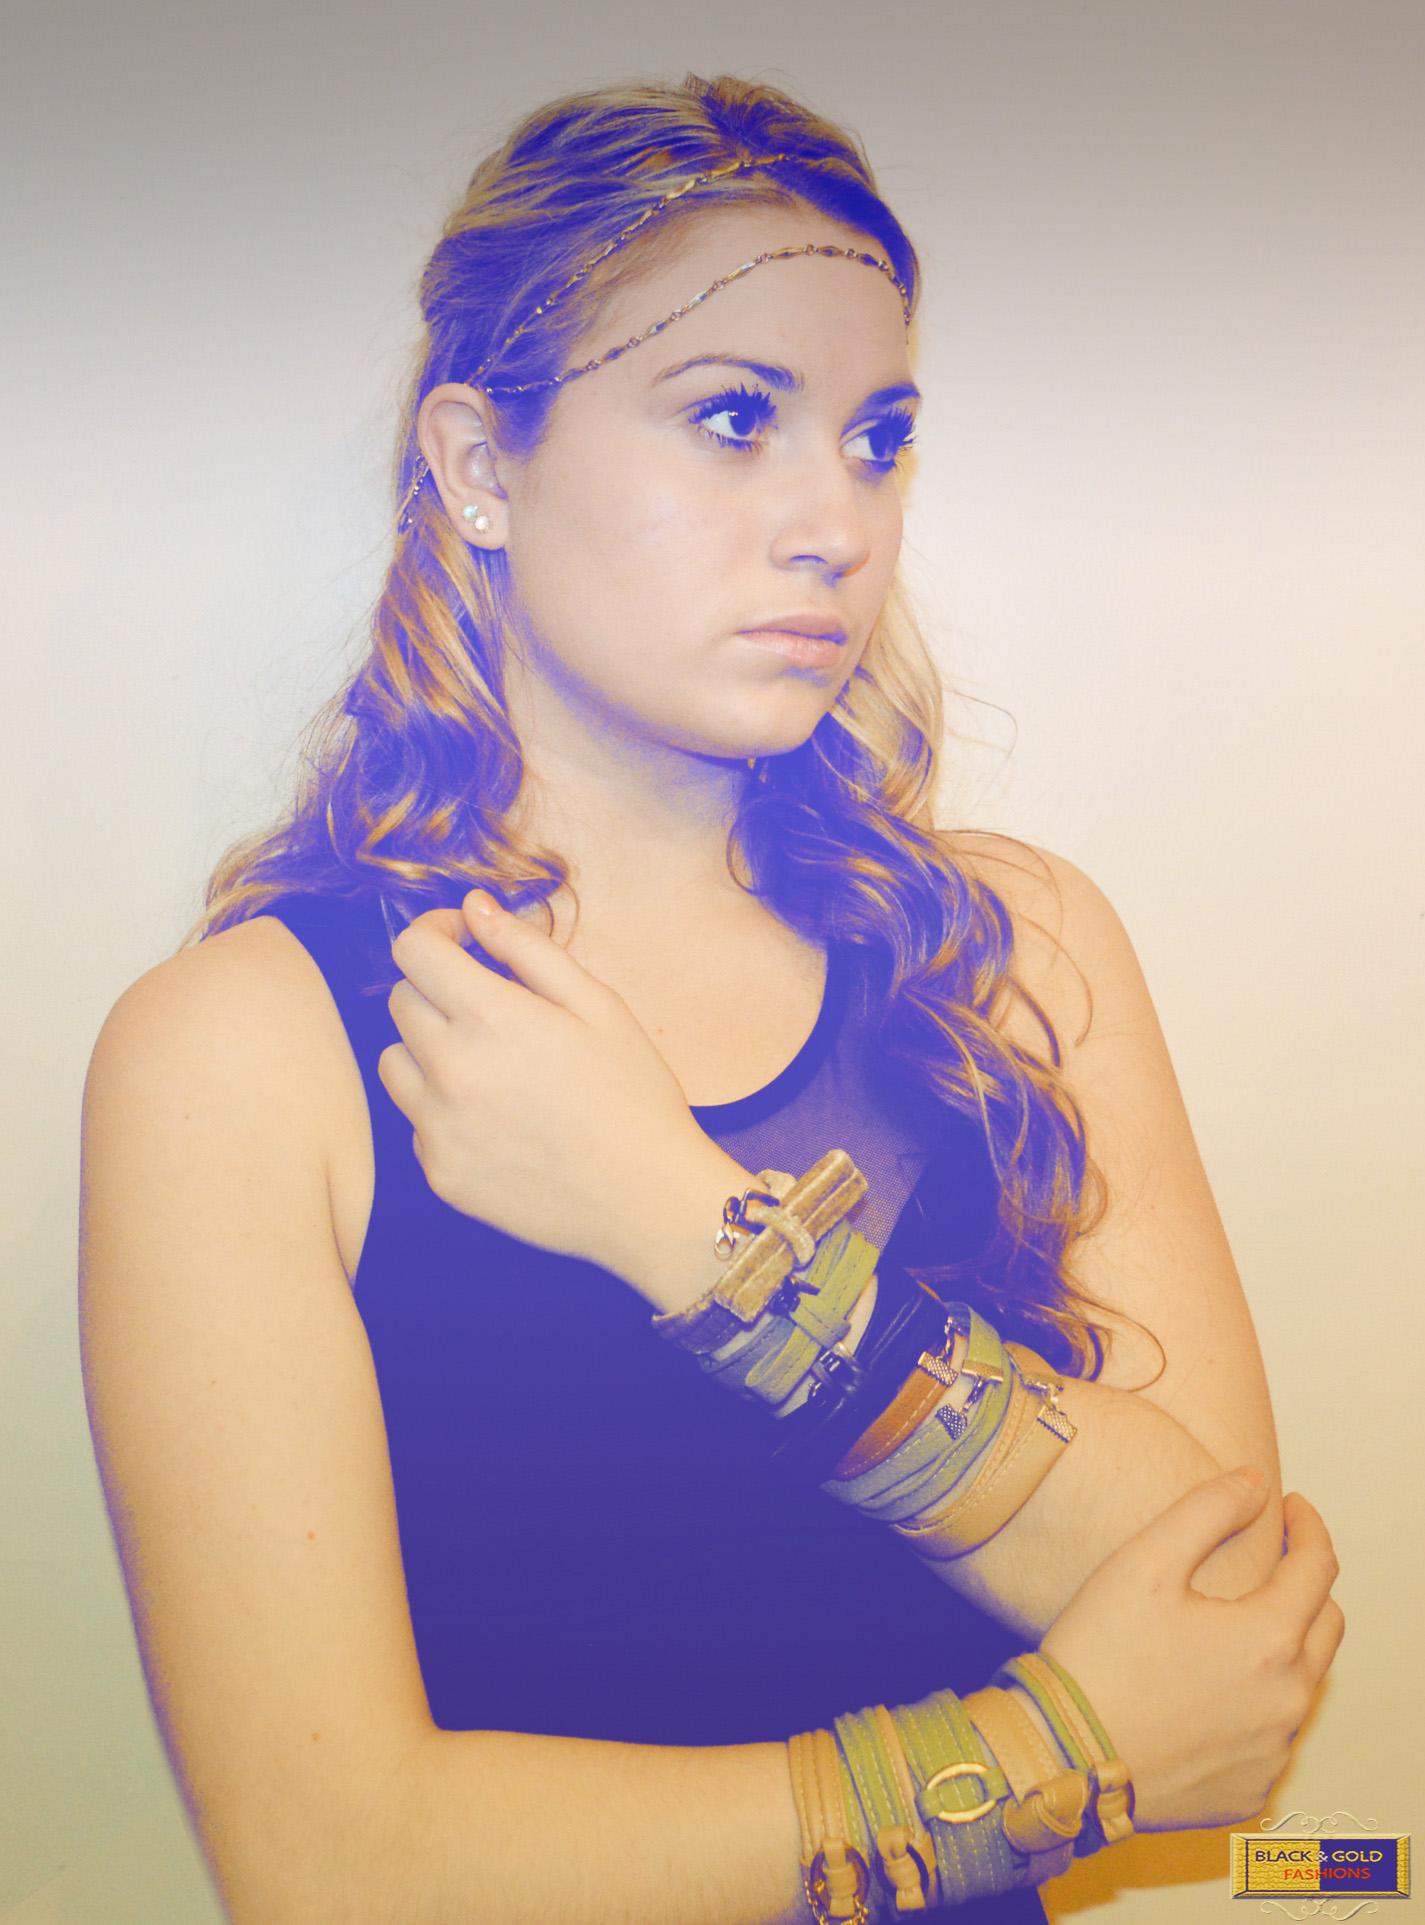 (Model) Black & Gold Fashions -Rachel Fashion Photoshoot (4).jpg